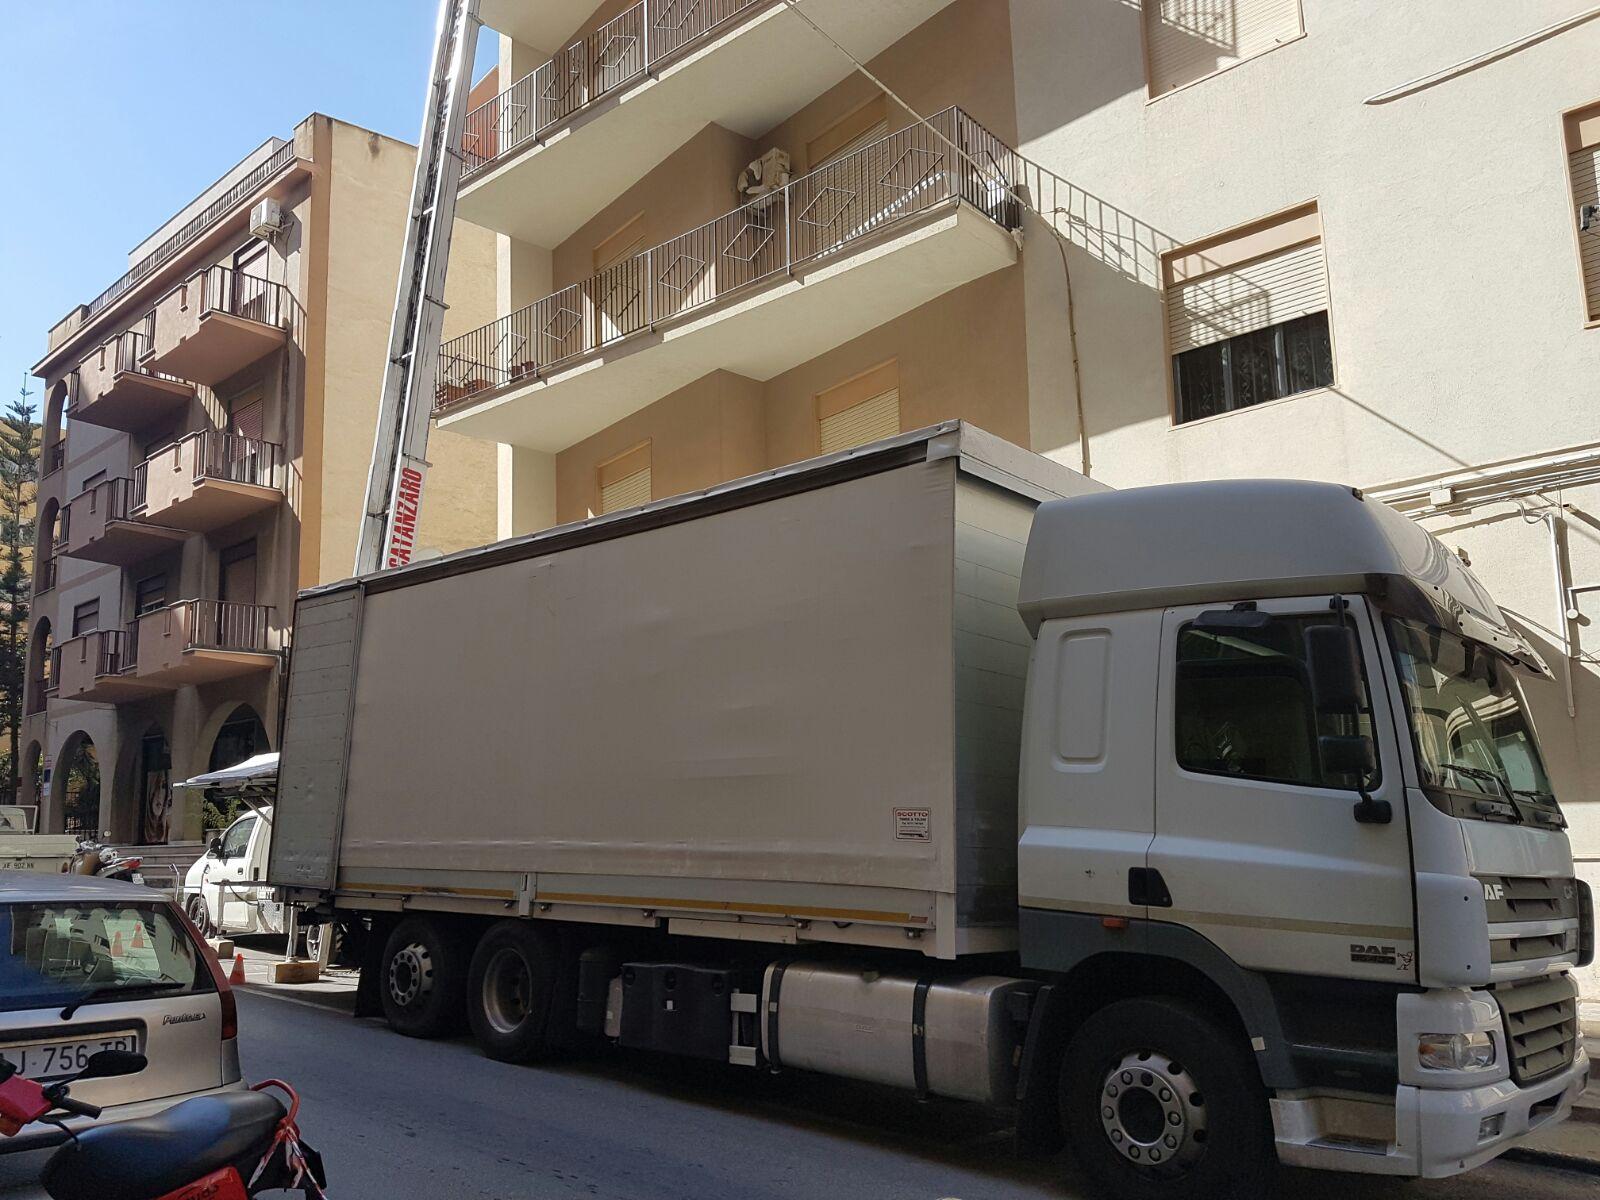 camion con piattaforma aerea davanti a un condominio a Sciacca, Agrigento